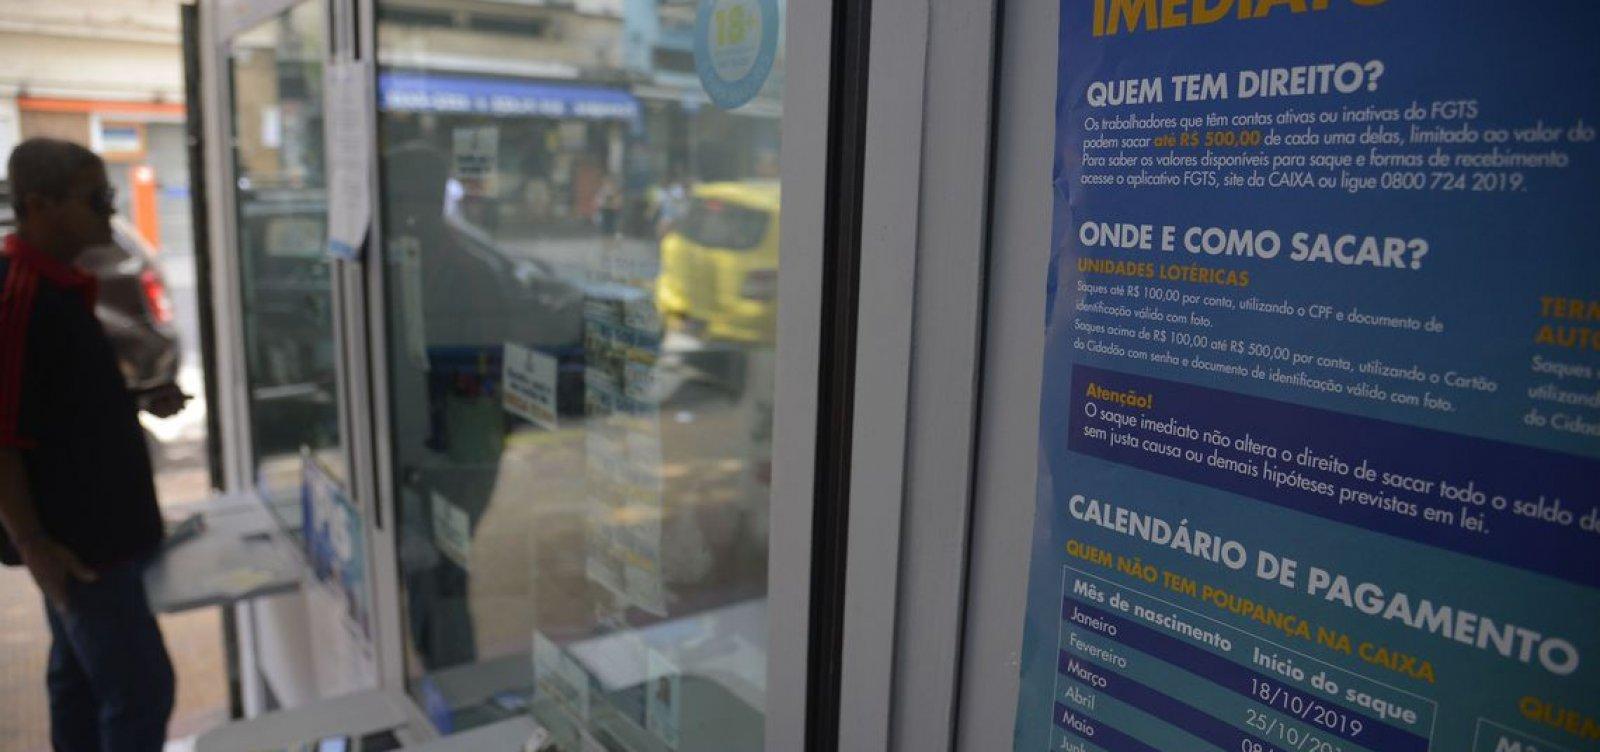 Agências da Caixa abrem hoje para pagamento do FGTS